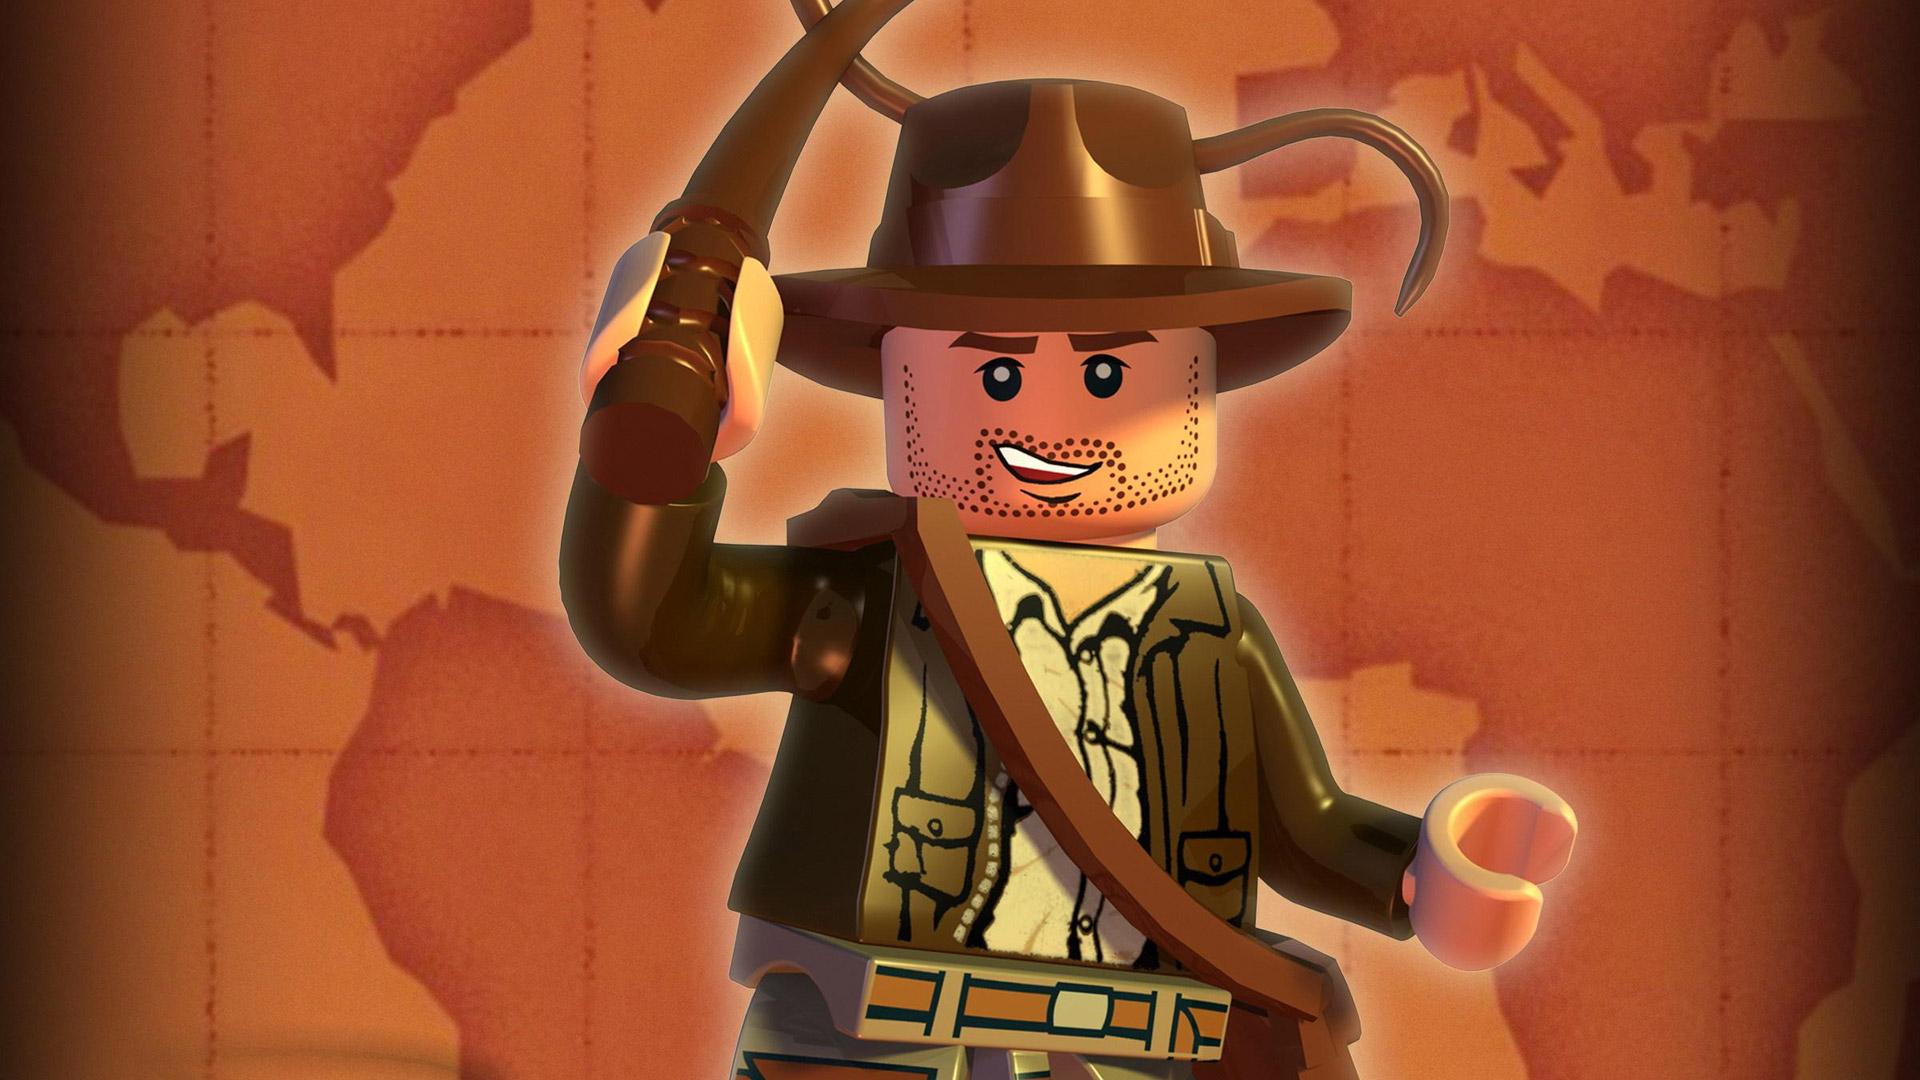 Lego Indiana Jones: The Original Adventures Wallpaper in 1920x1080